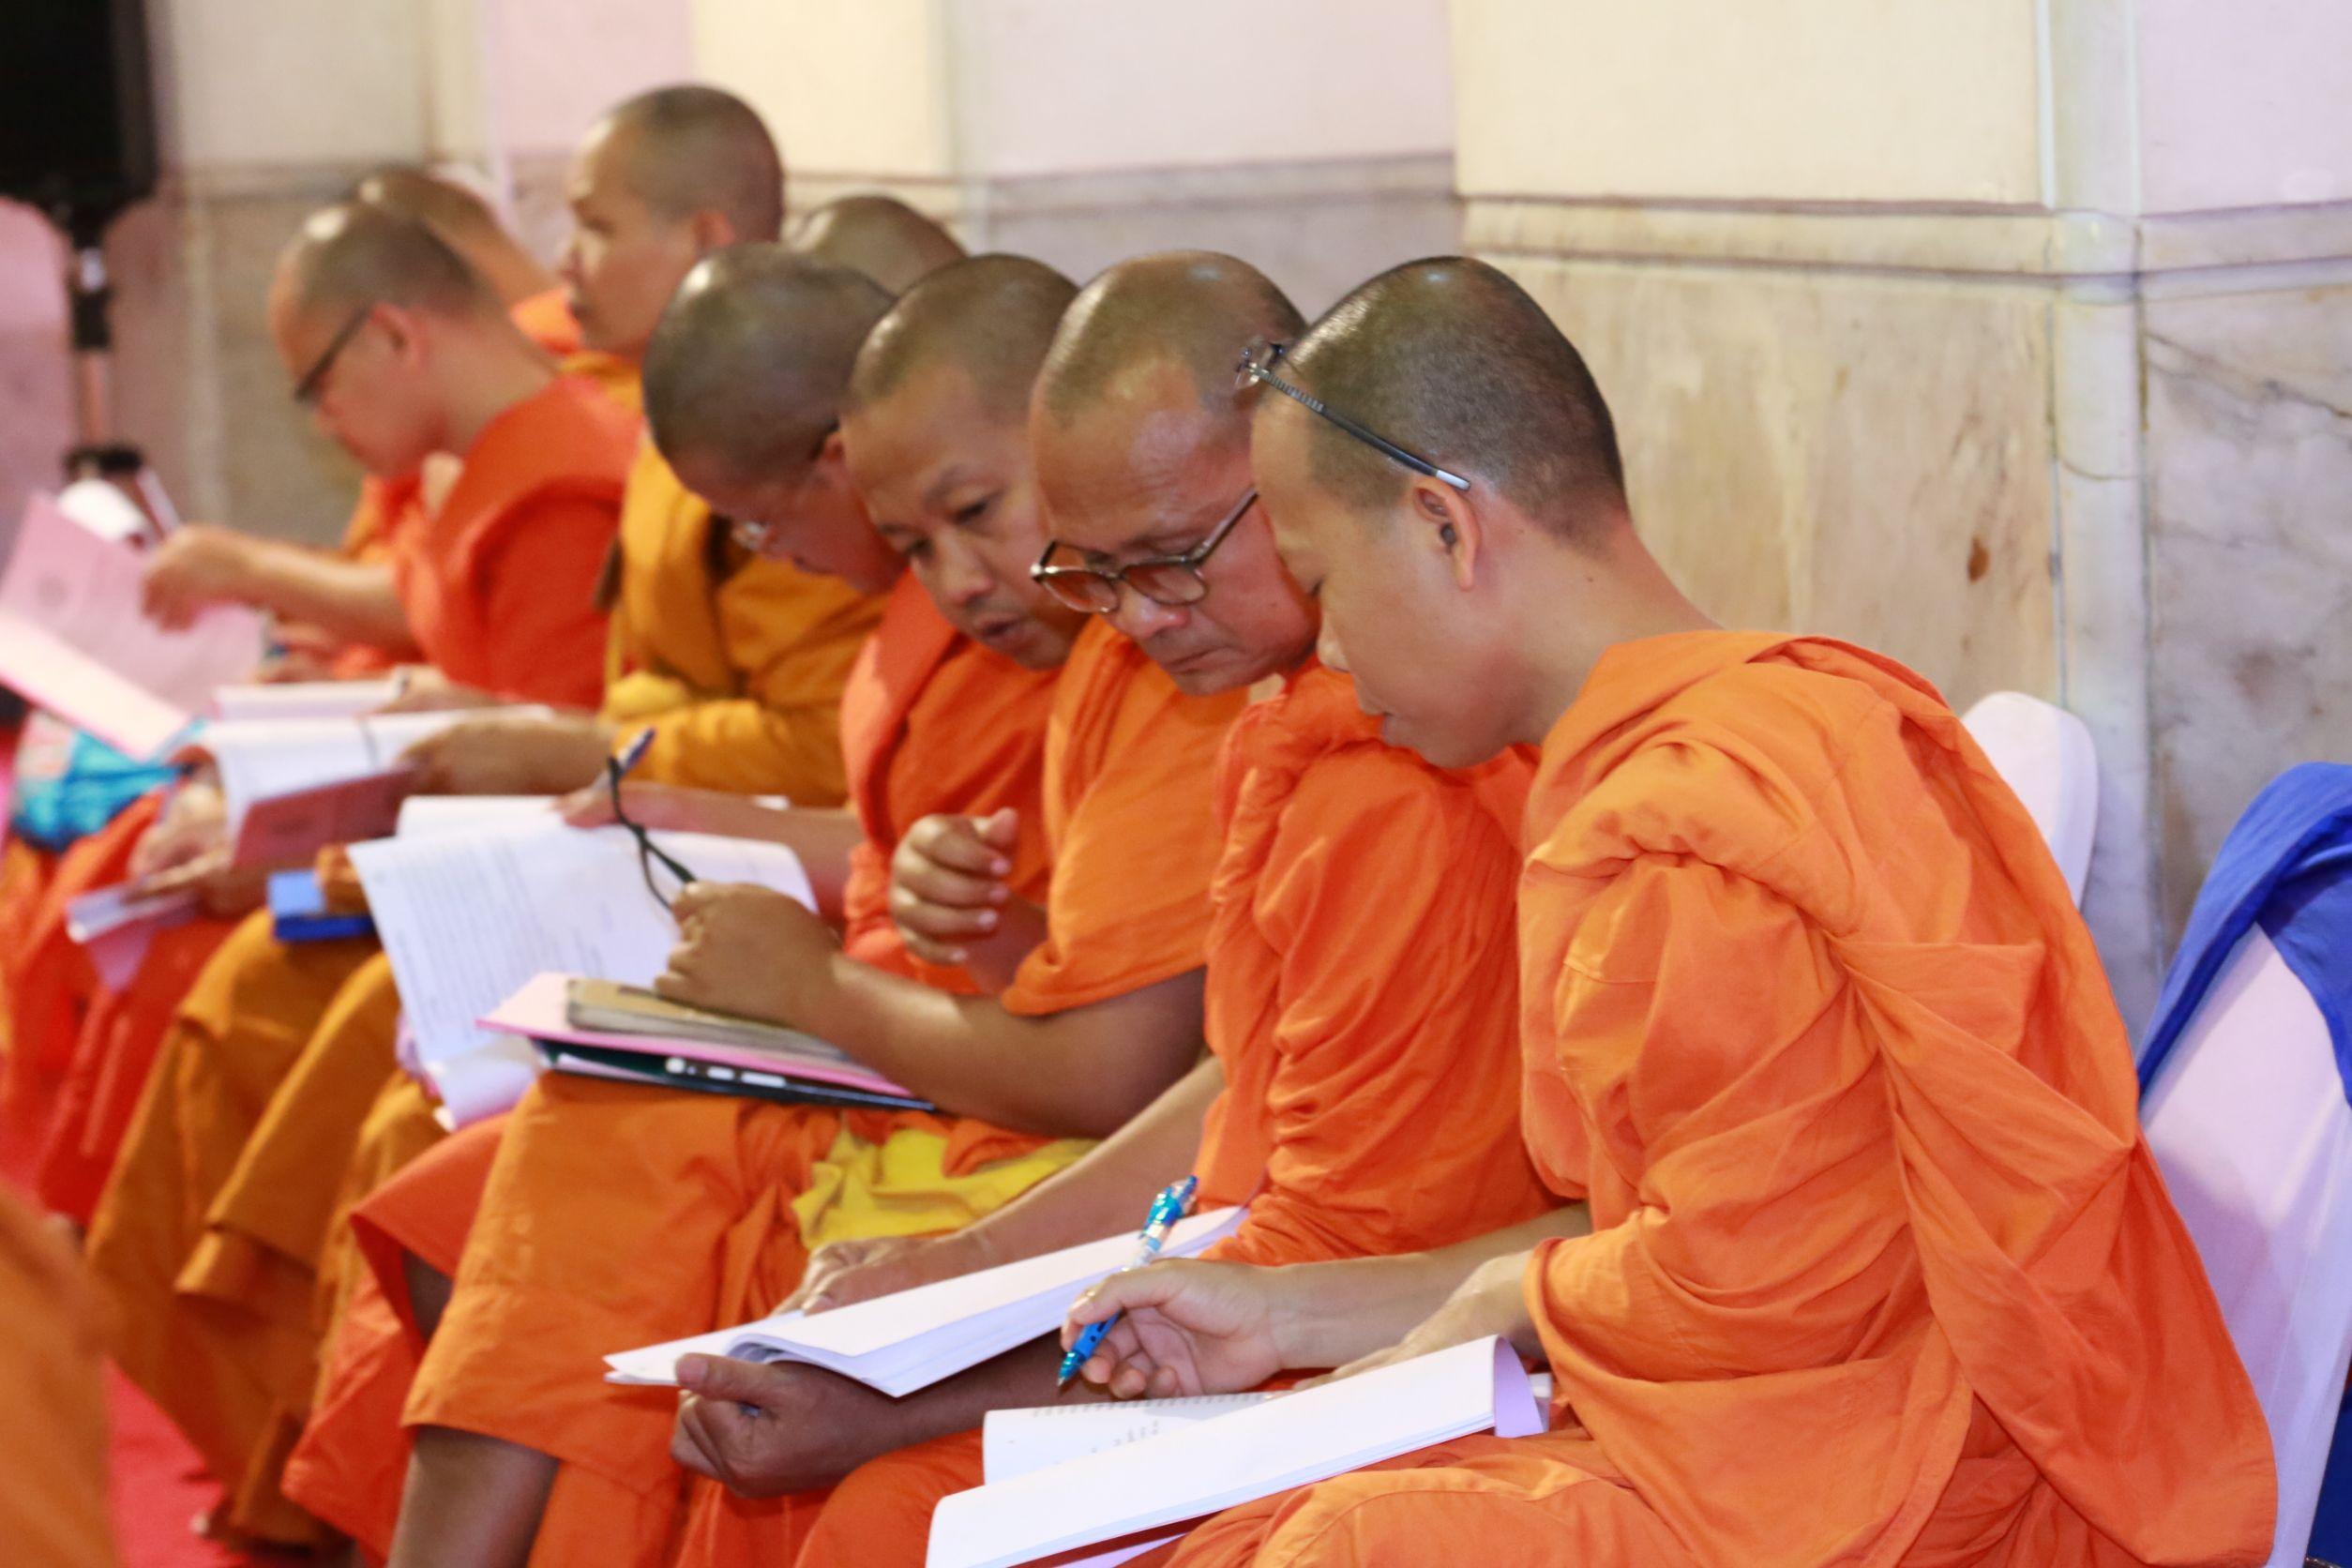 610205 ประชุม กก อำนวยการ-ดำเนินงาน พระธรรมทูตรุ่น24 โดย วพท 40